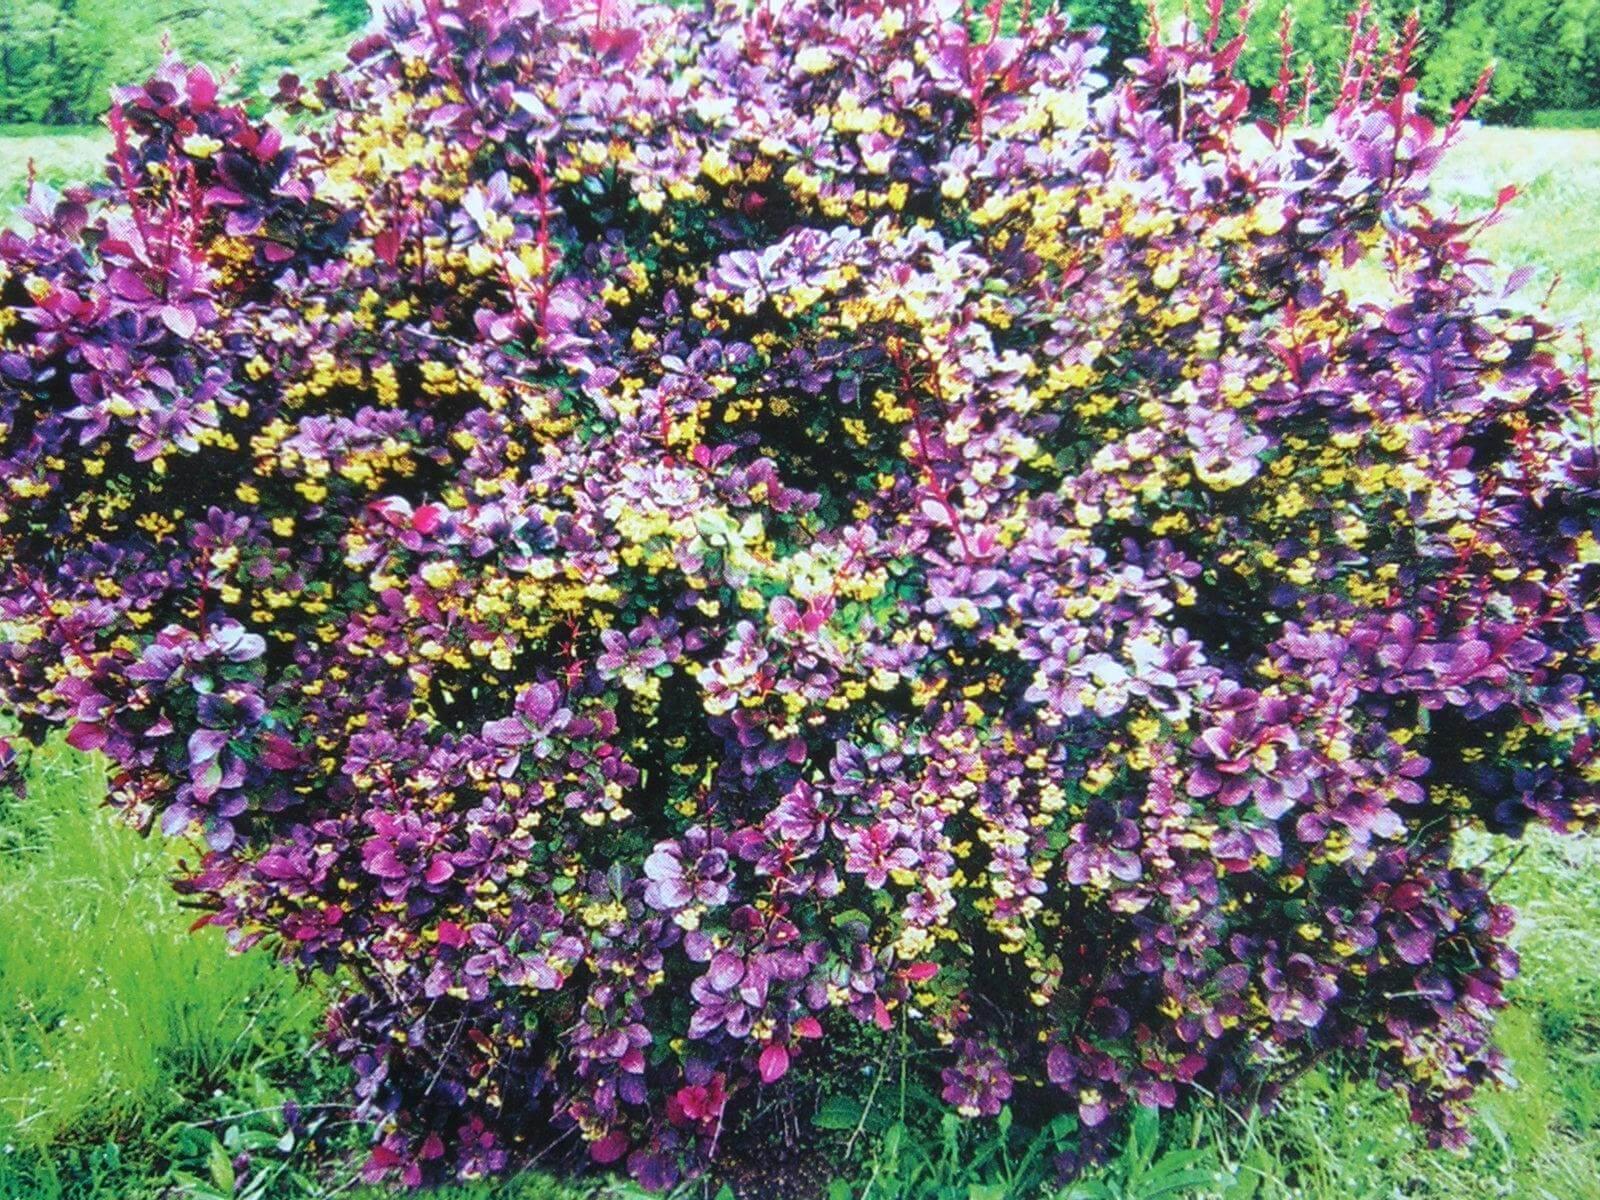 Правила ухода и выращивания декоративных и плодоносящих кустарников летом, осенью и весной